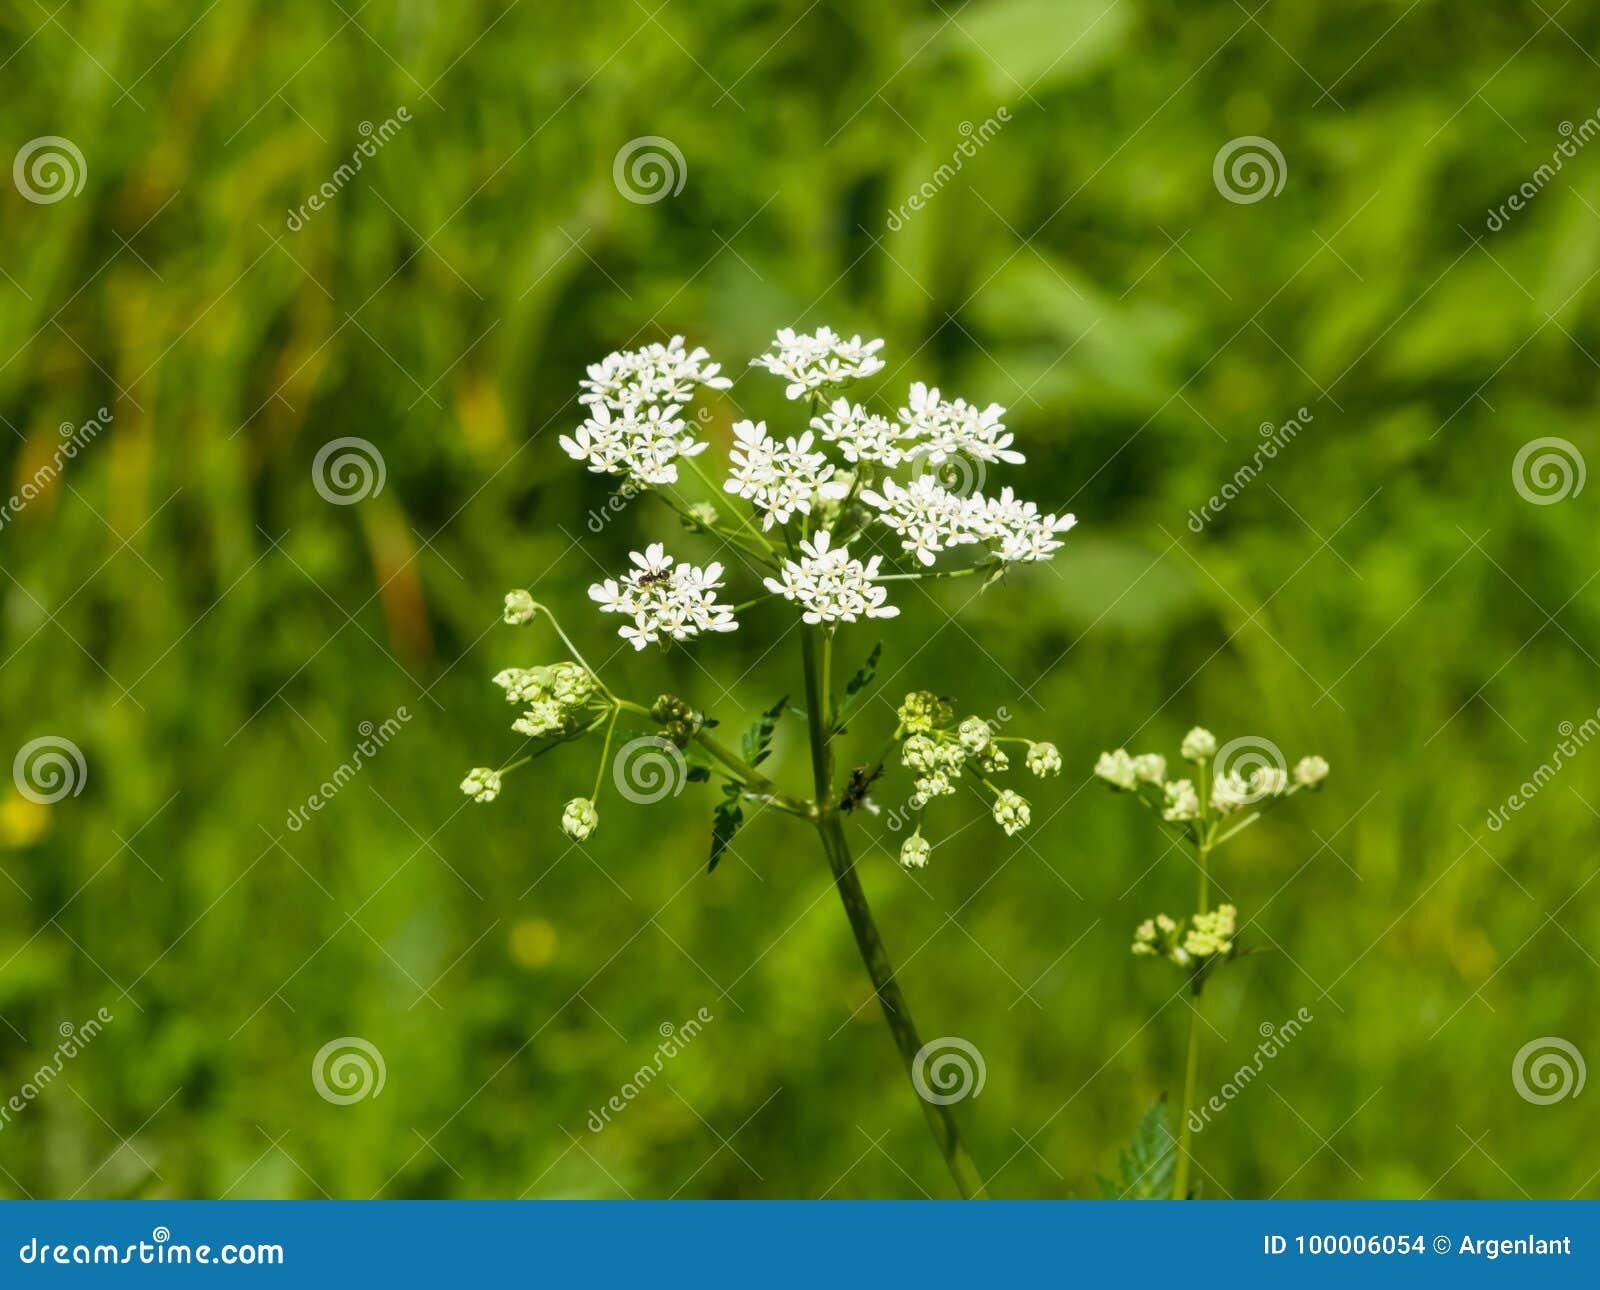 Koepeterselie of Wilde Kervel, Anthriscus-sylvestris, de macro, selectieve nadruk van bloemclusters, ondiepe DOF